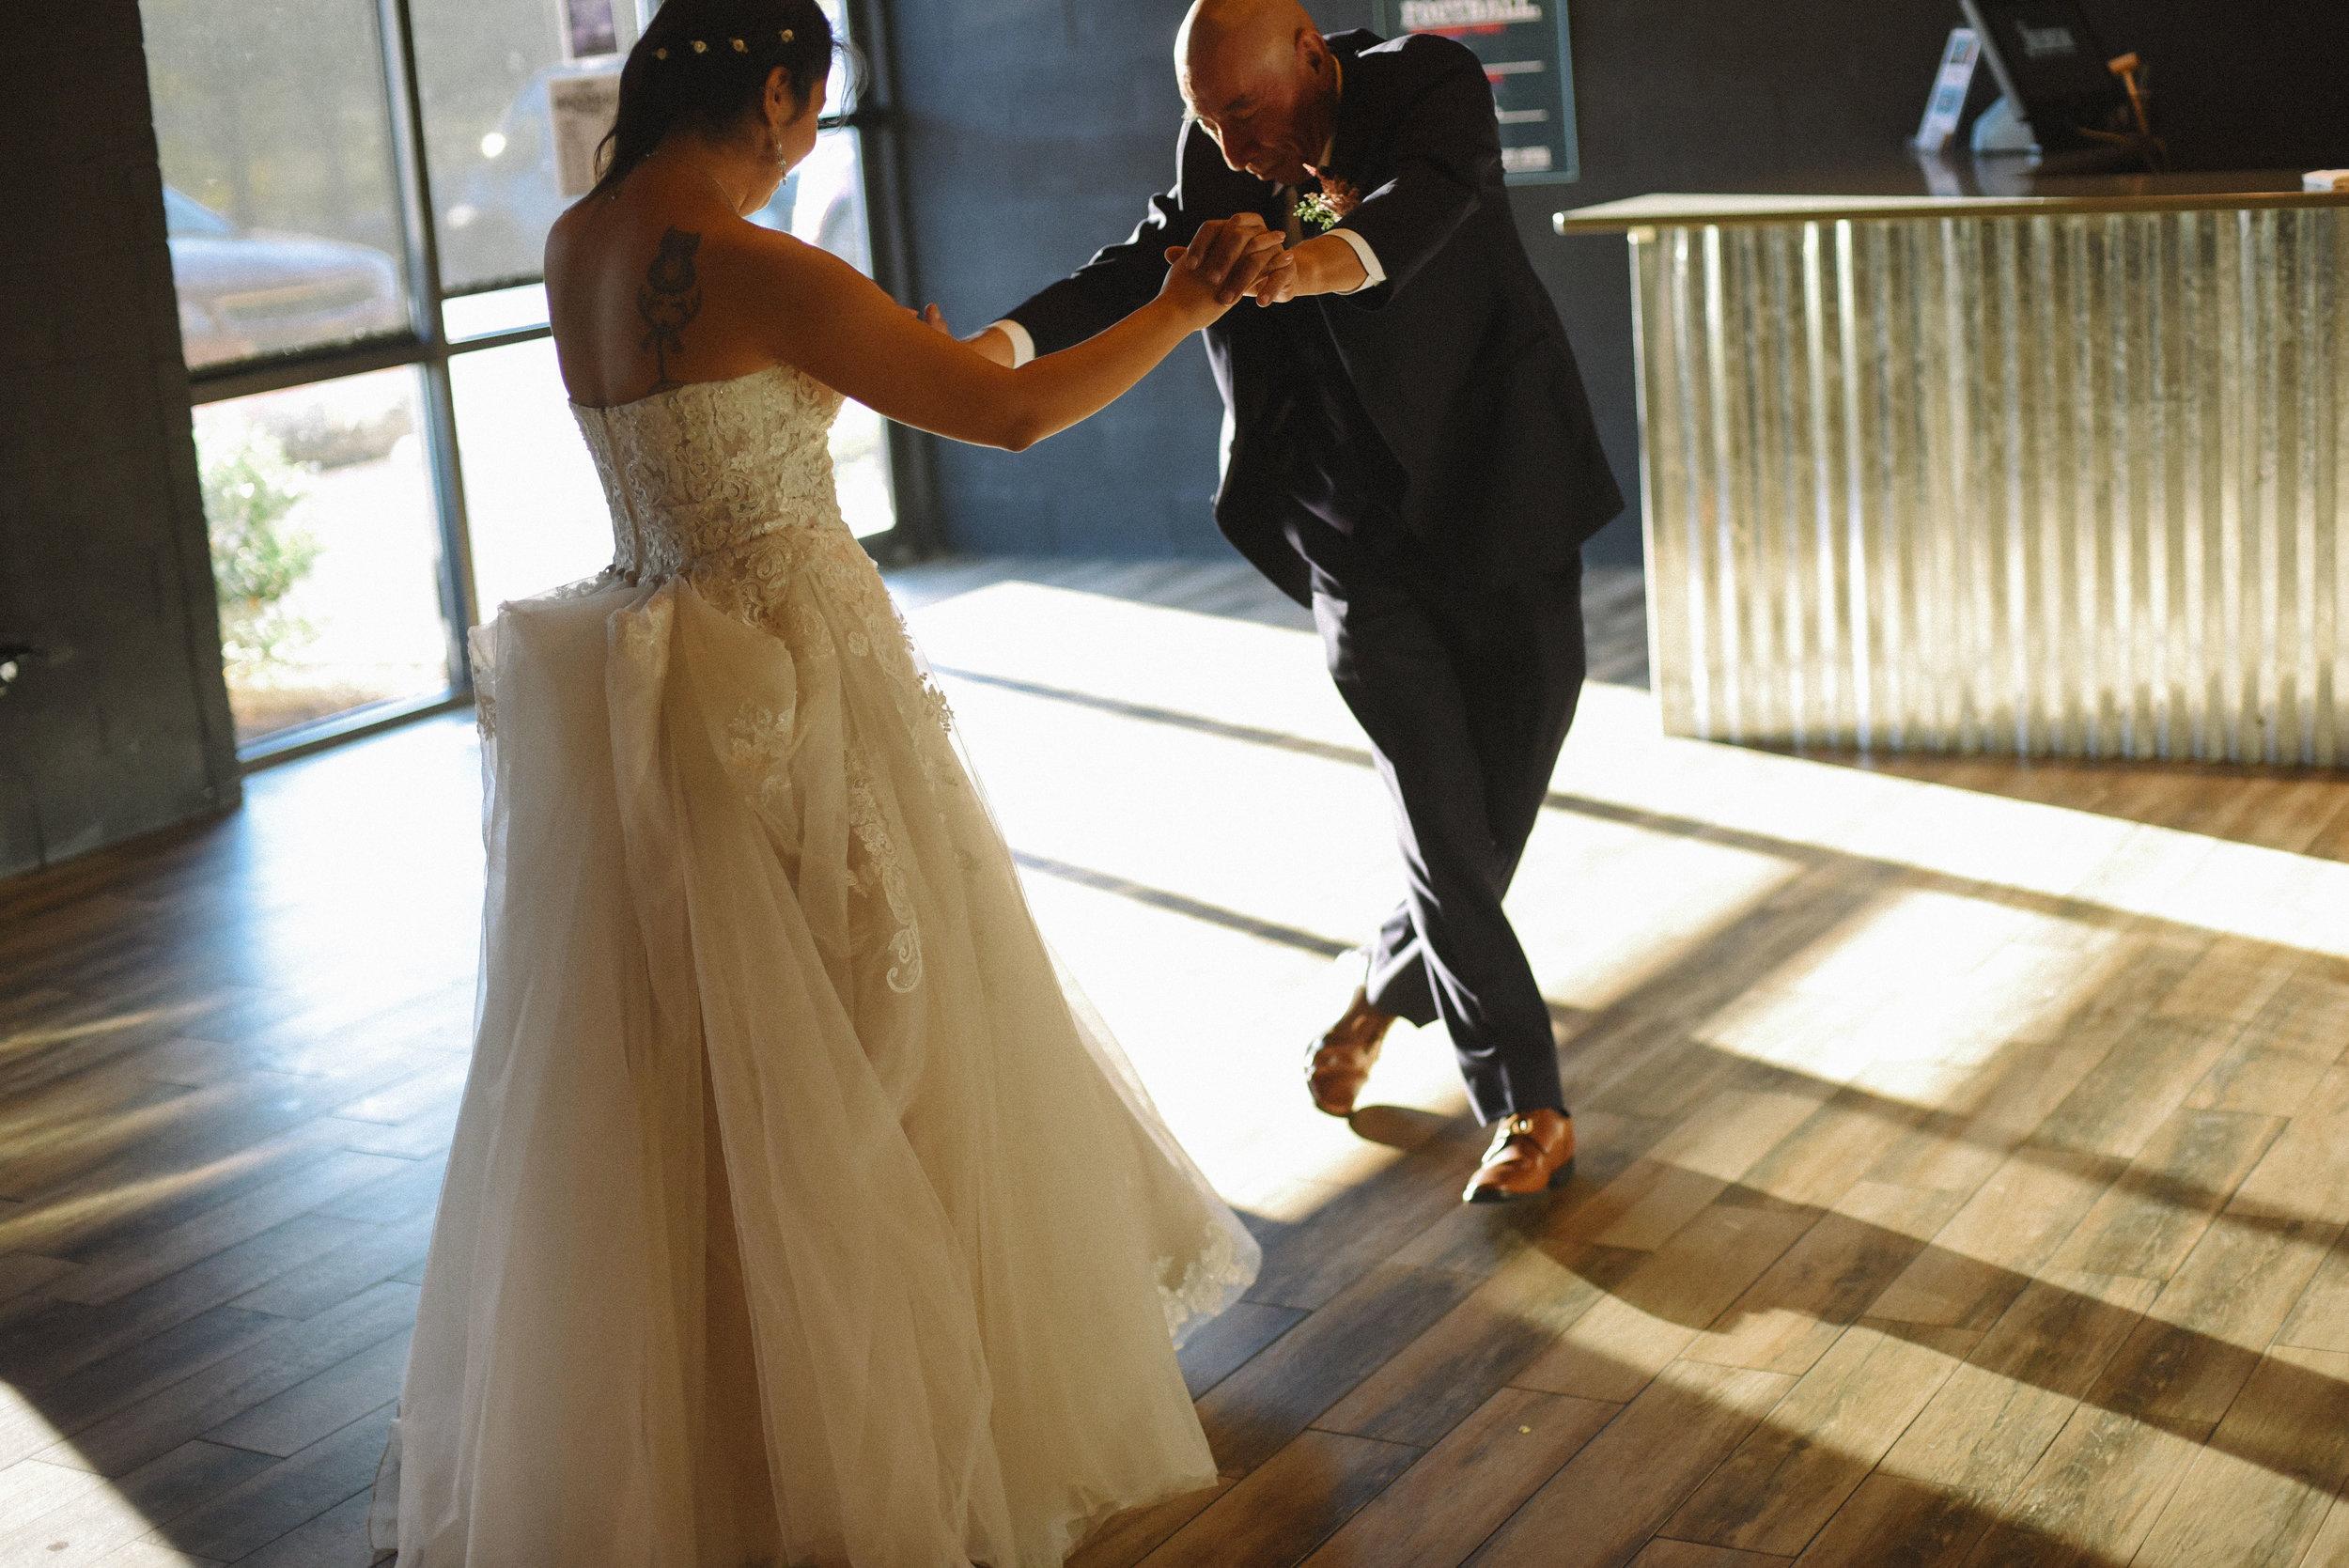 jailbreak_wedding_reception_laurel_md-13.jpg